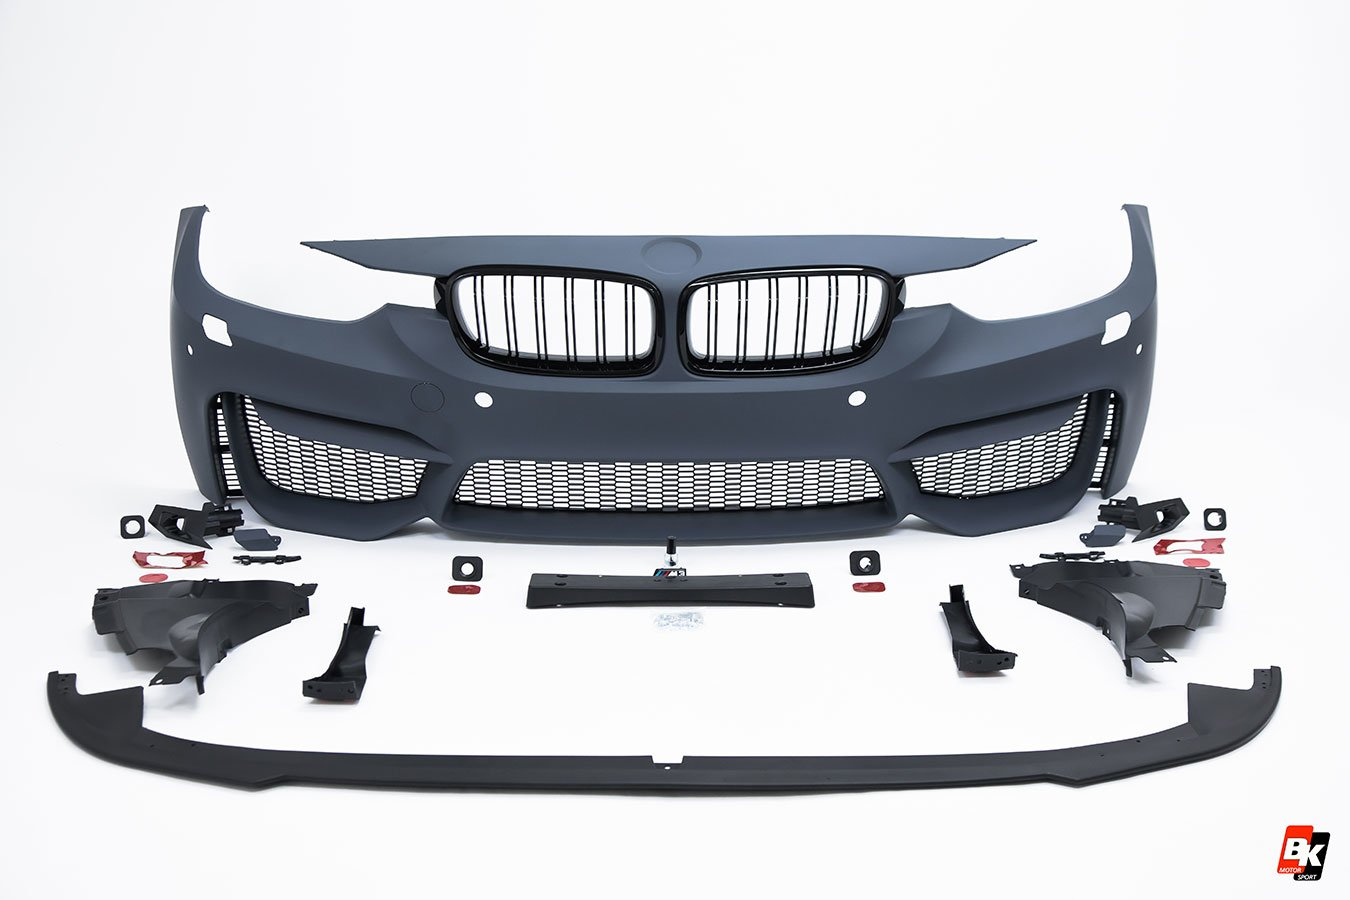 Bkm Front Bumper Set M3 Style Fits Bmw Model 3 F30 Bk Motorsport